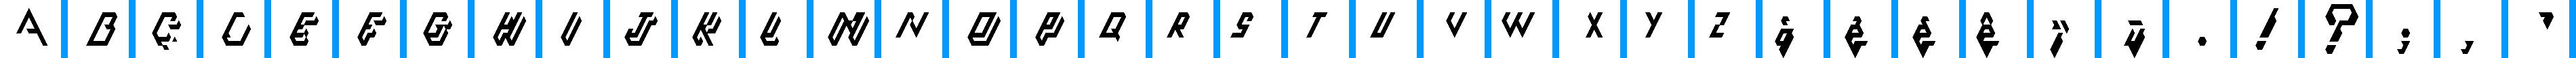 Particip-a-type v.42